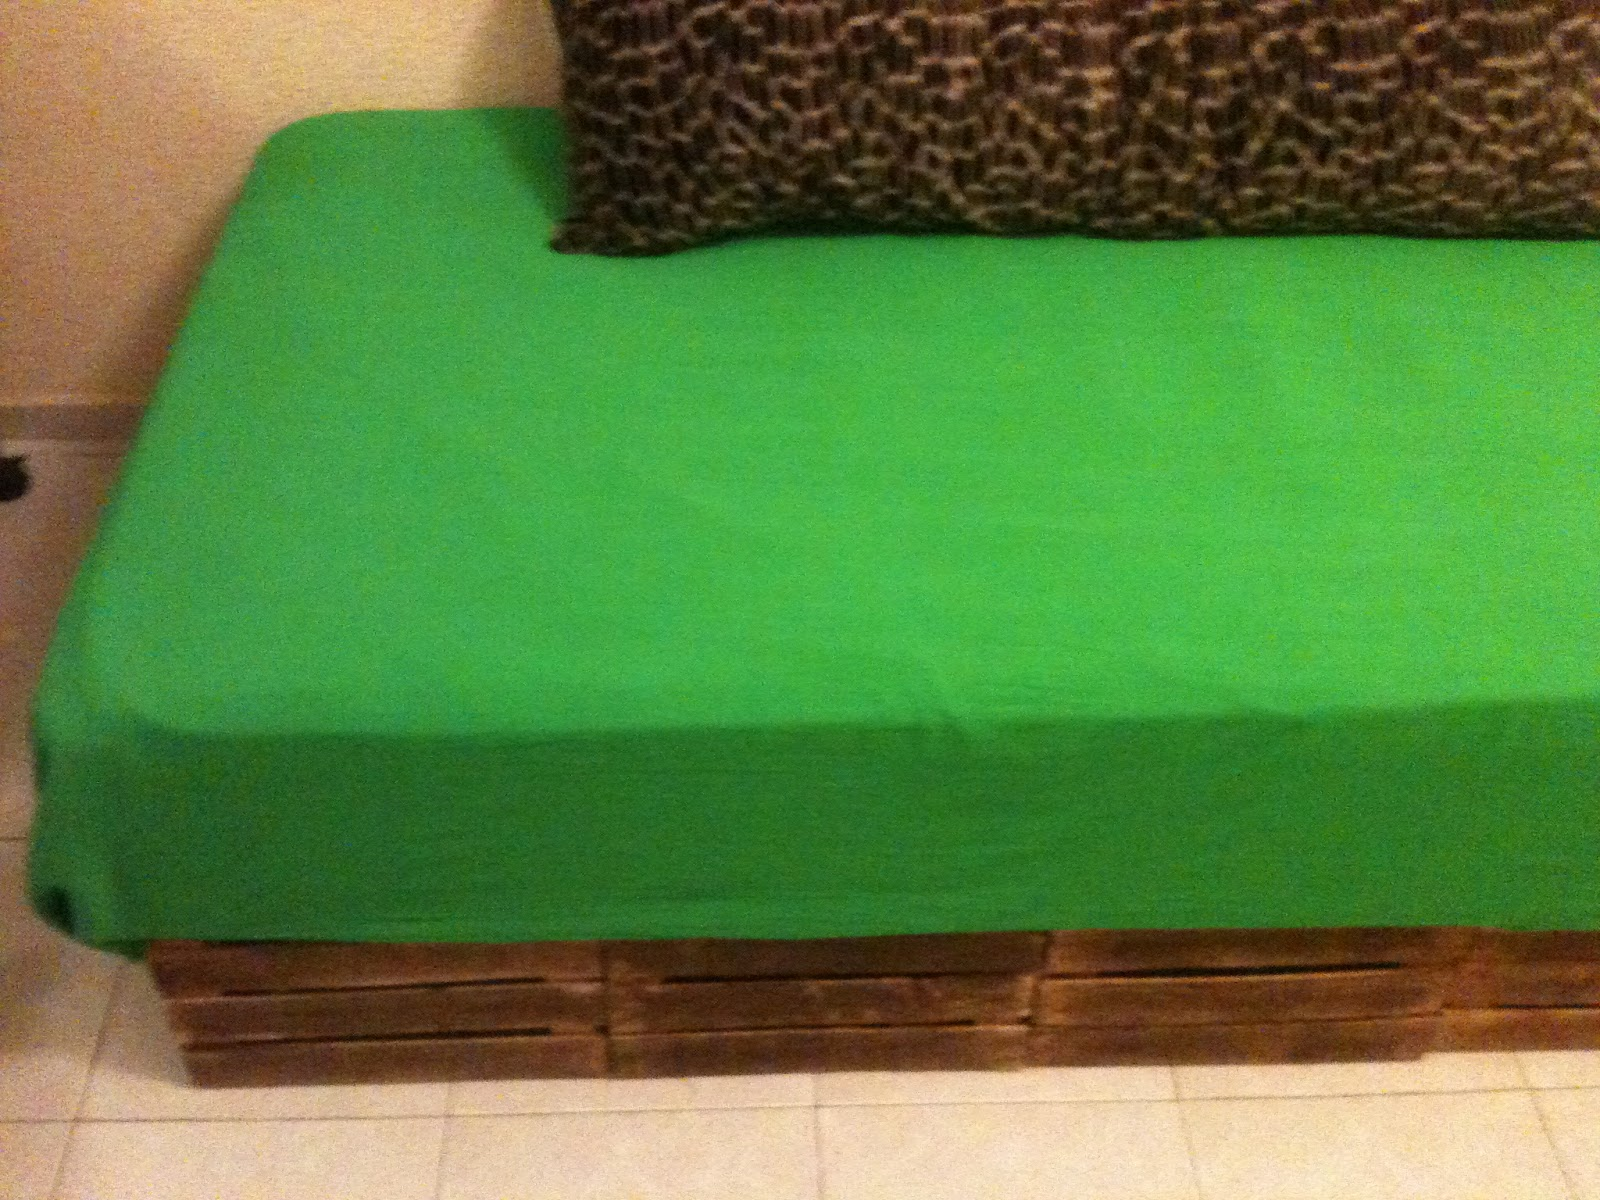 De tiliches chunches y otros triques huacama o sof cama for Cuanto vale un sofa cama